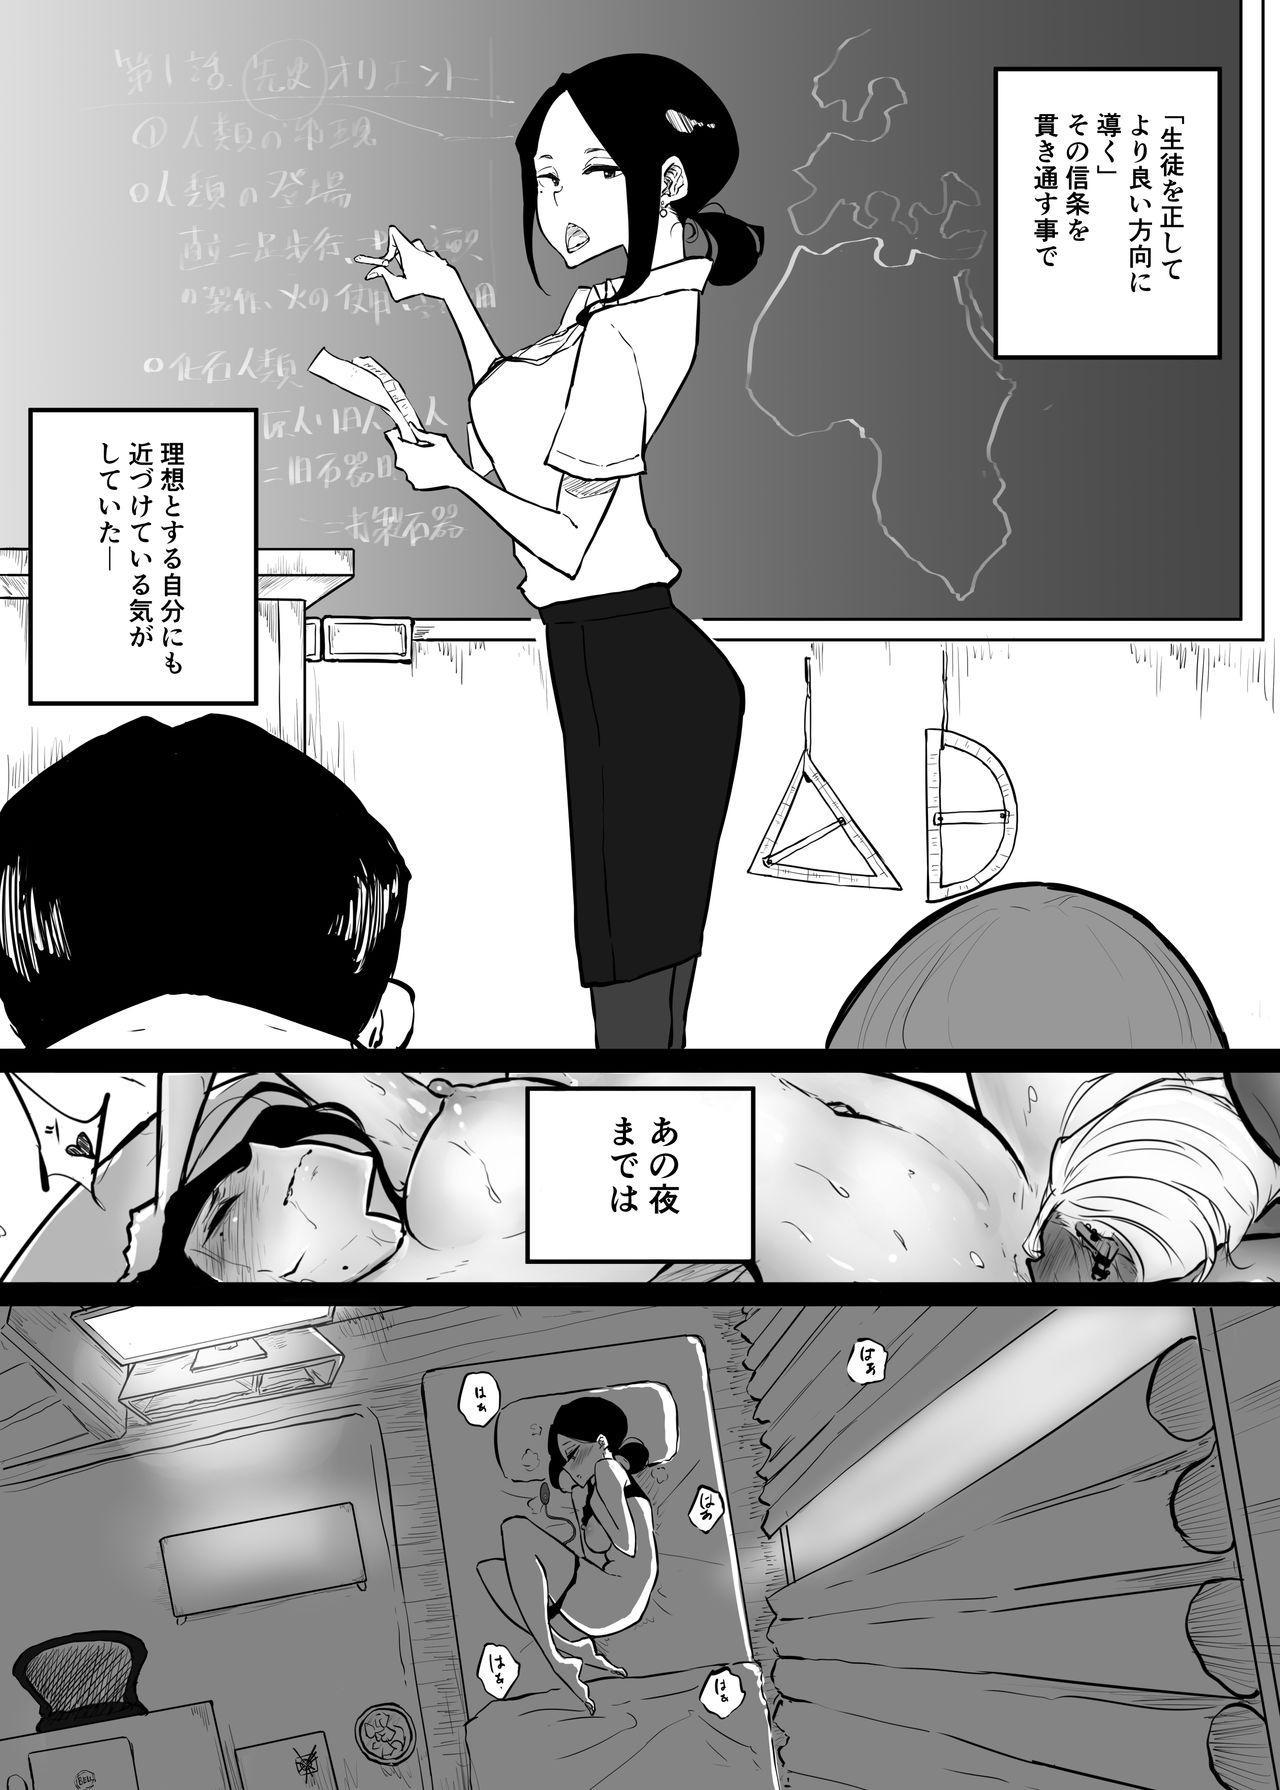 Sparta Sensei ga Oshiego no Bitch Gal ni Ecchi na Koto Sareru Hanashi 2 6